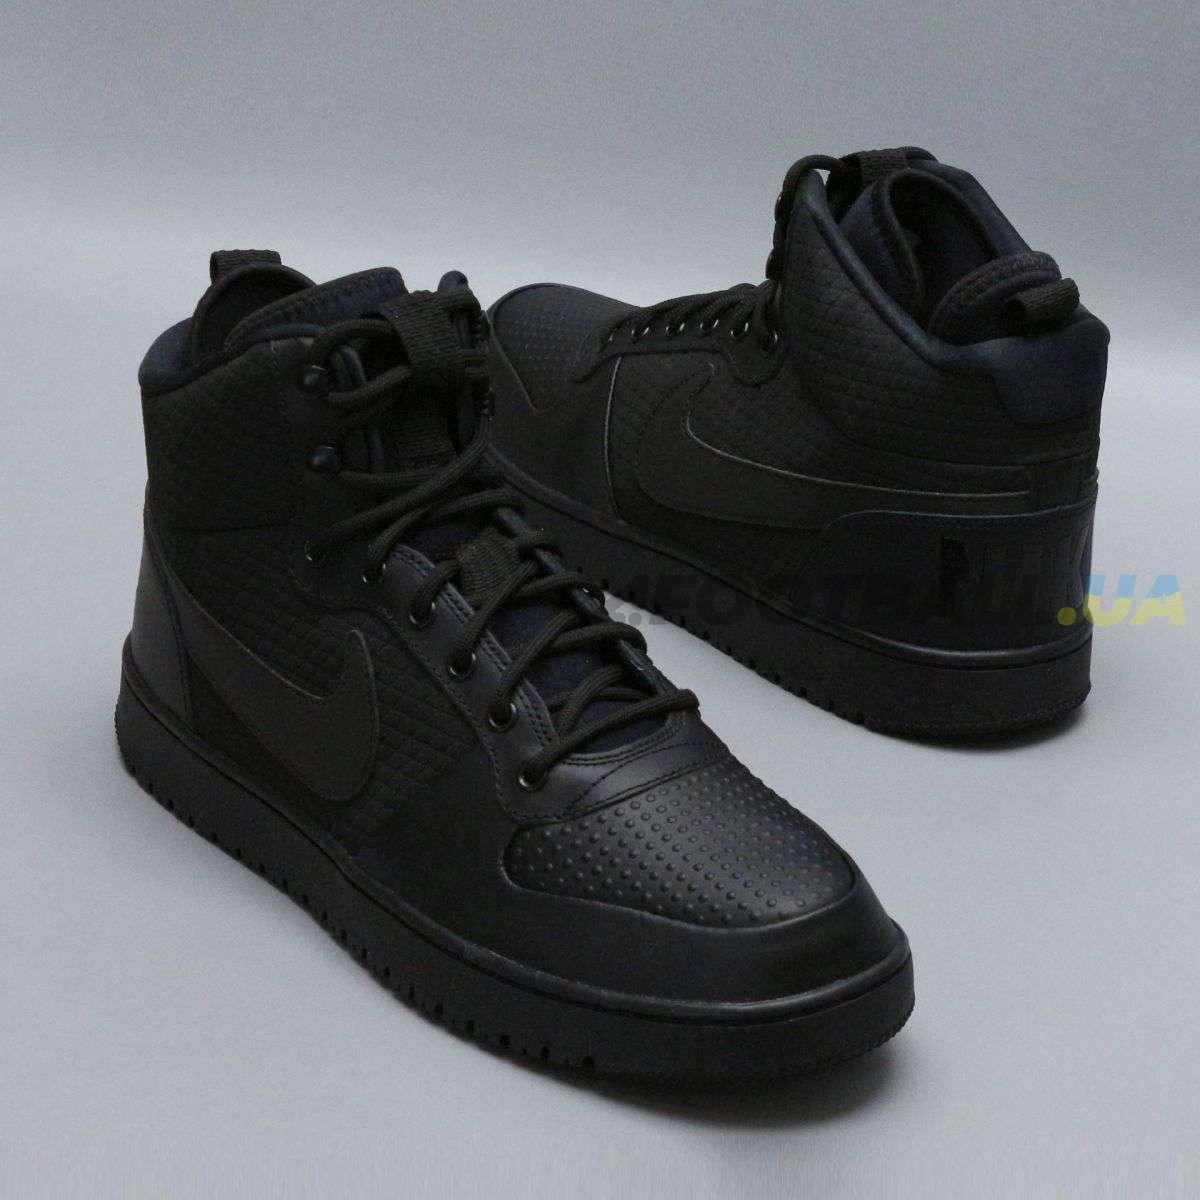 993d3f0d0952 Зимние кроссовки Nike Court Borough Mid Winter AA0547-002 — купить в ...